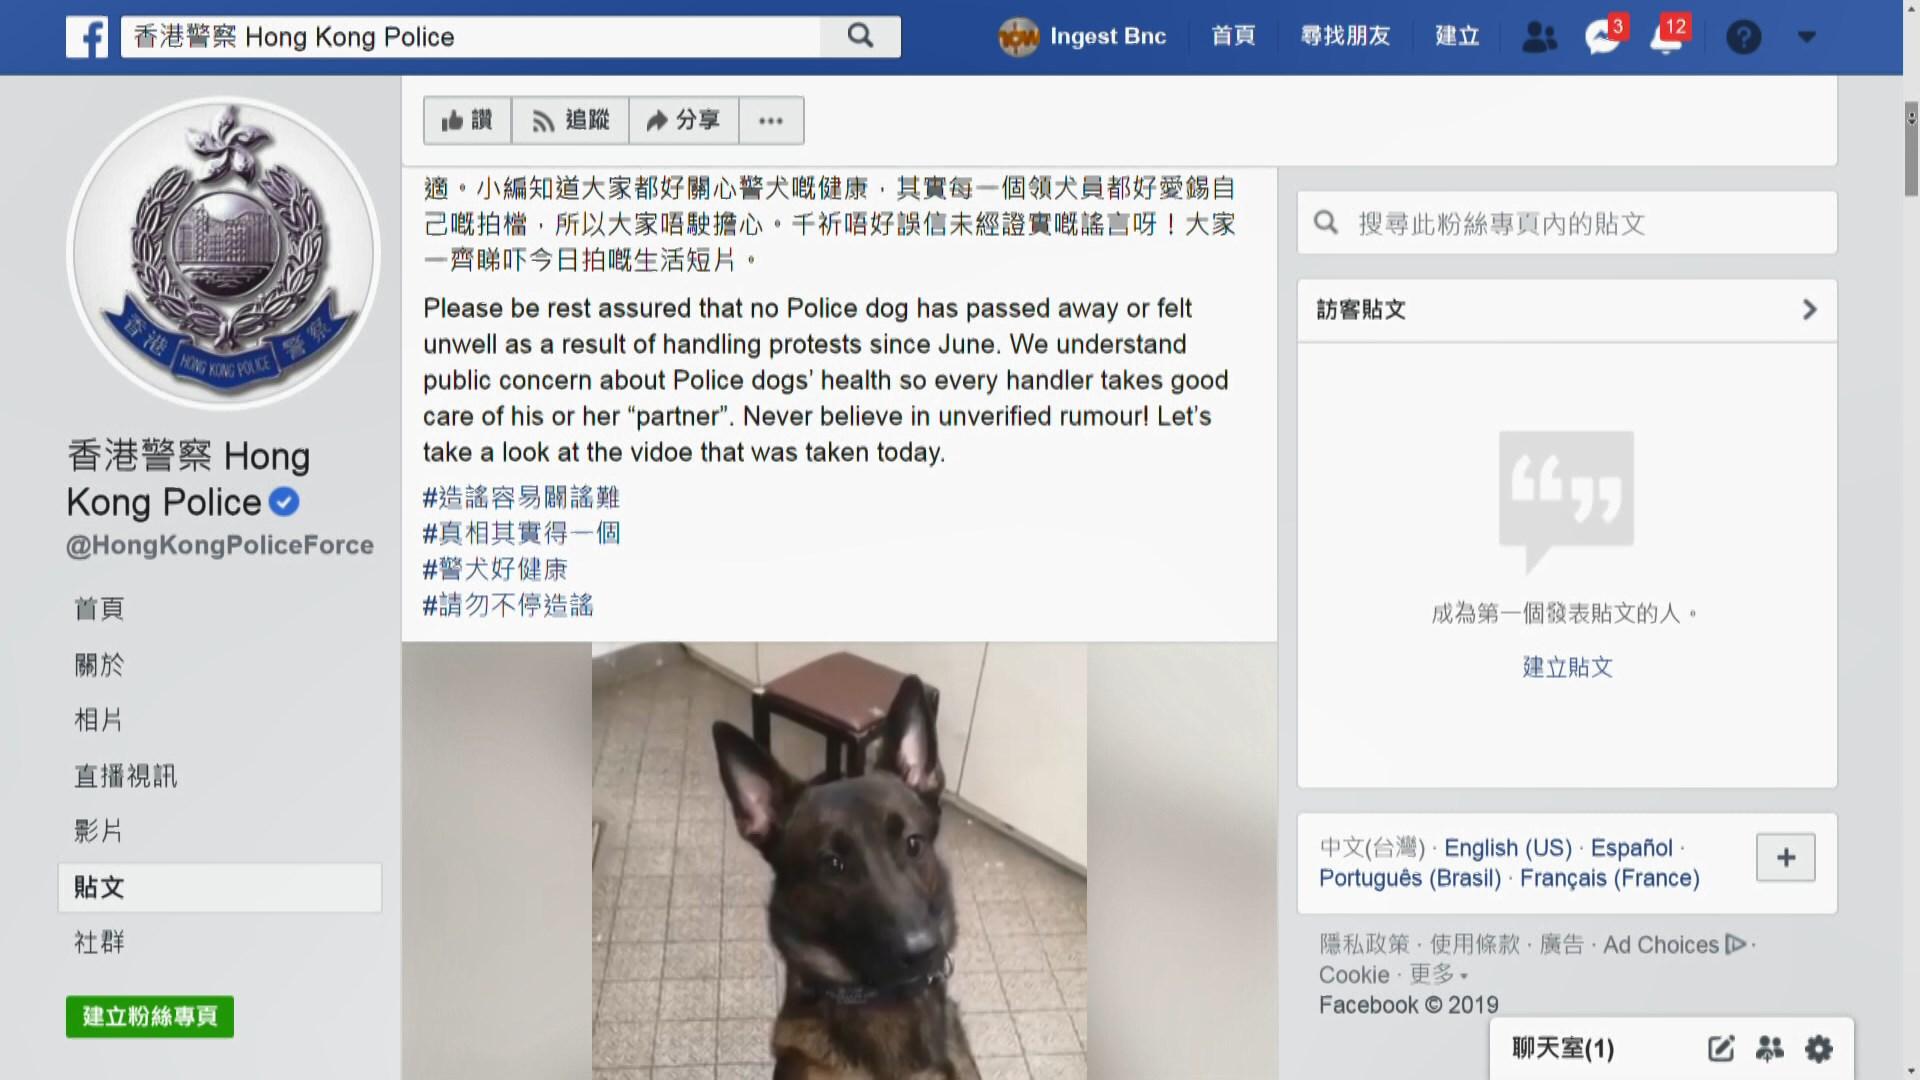 警方:六月至今都無警犬因處理示威而死亡